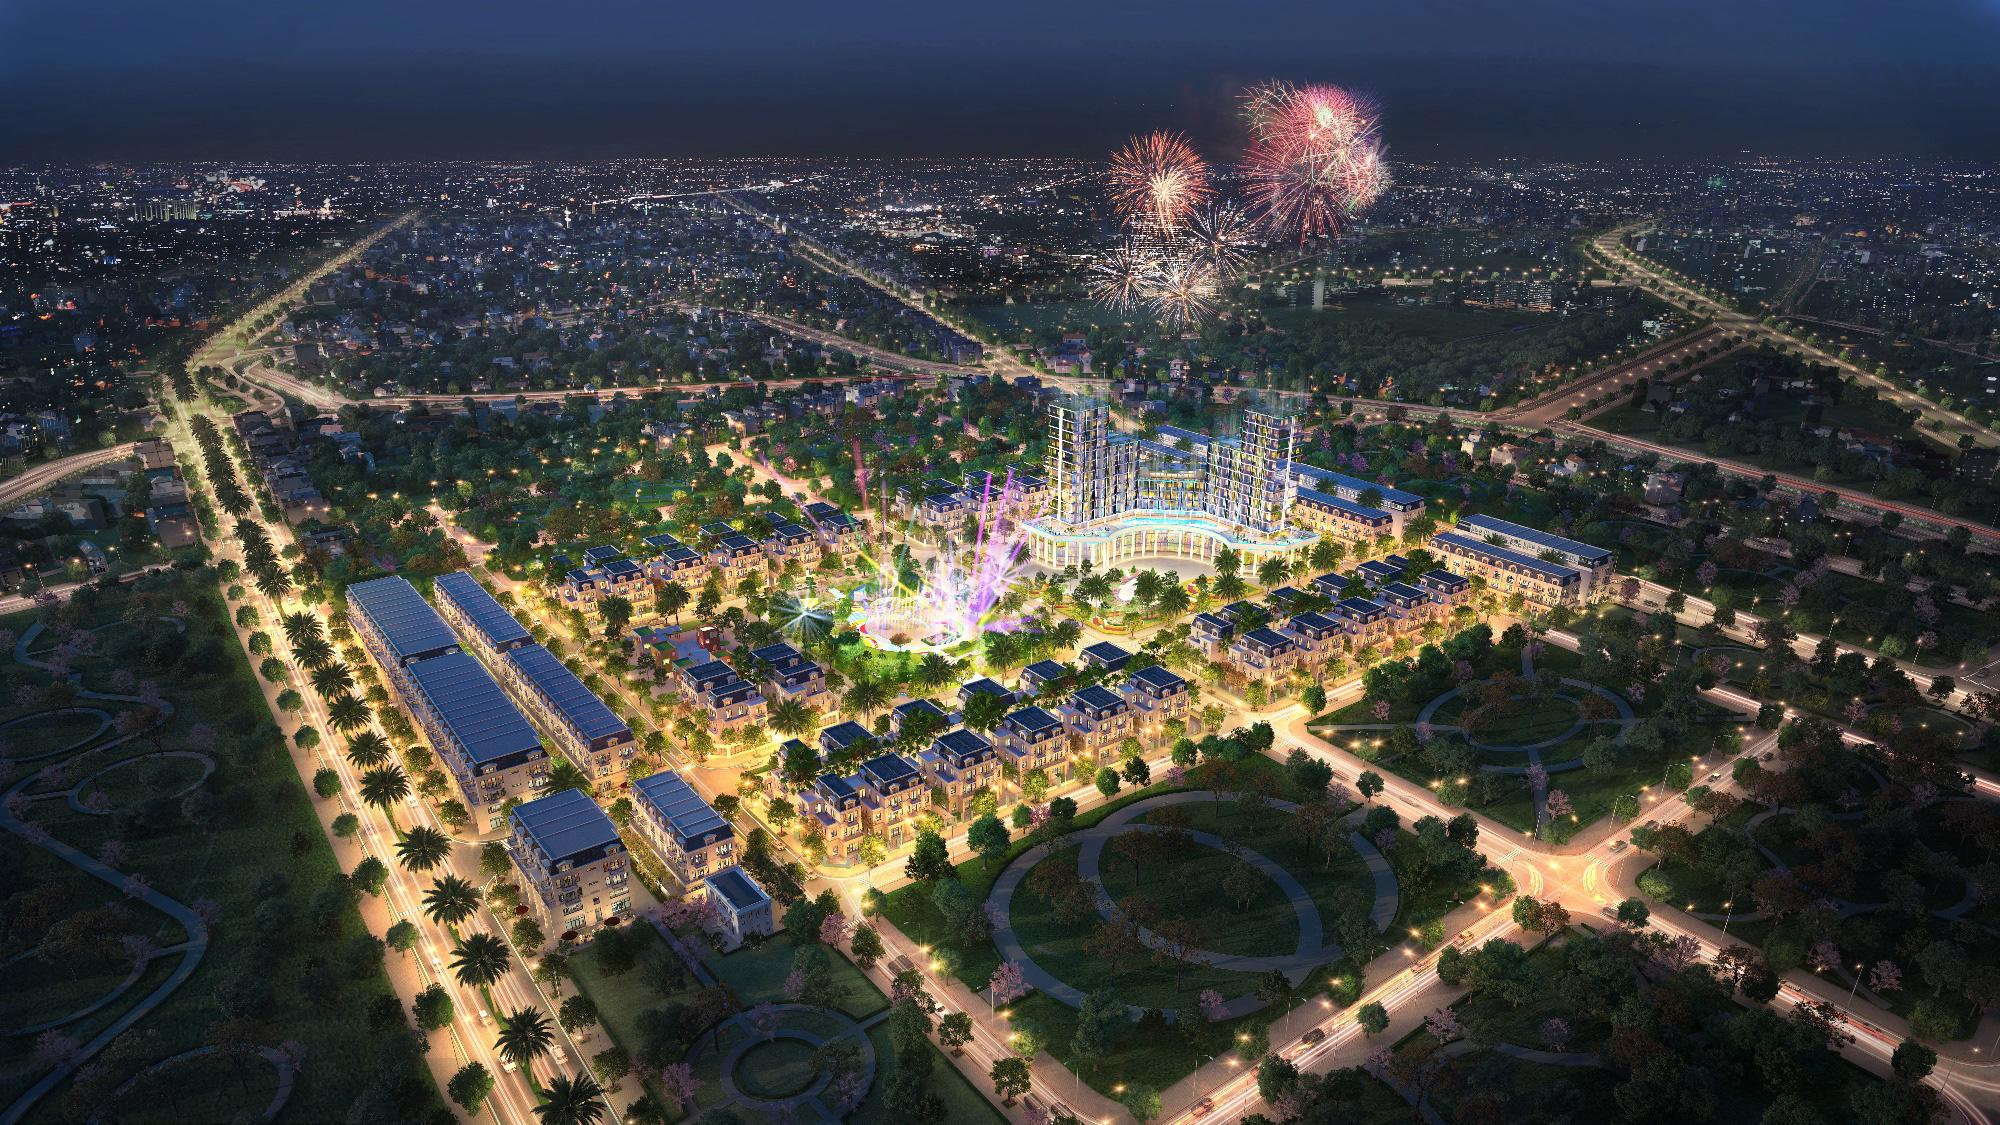 TNR Grand Palace Thái Bình: Dấu ấn đẳng cấp của chủ nhân xứng tầm - Ảnh 1.